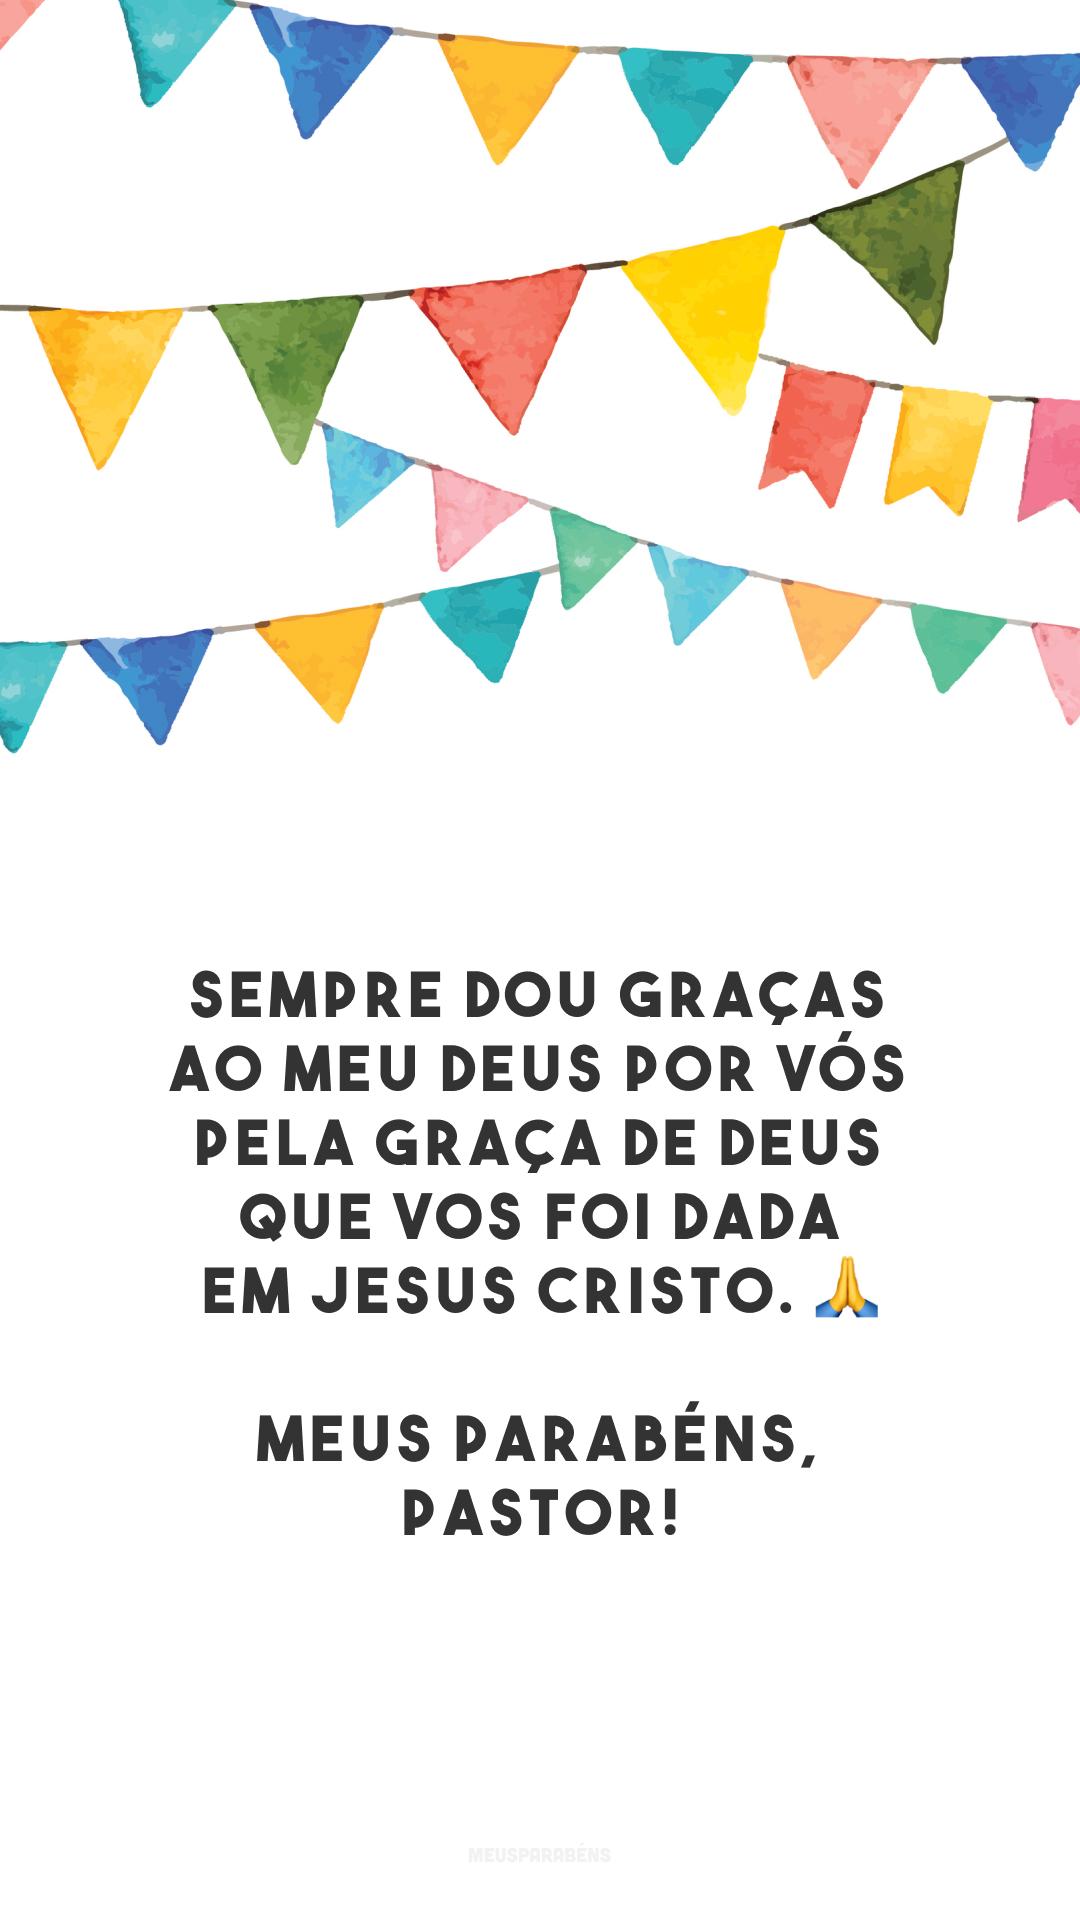 Sempre dou graças ao meu Deus por vós pela graça de Deus que vos foi dada em Jesus Cristo. 🙏 Meus parabéns, pastor!